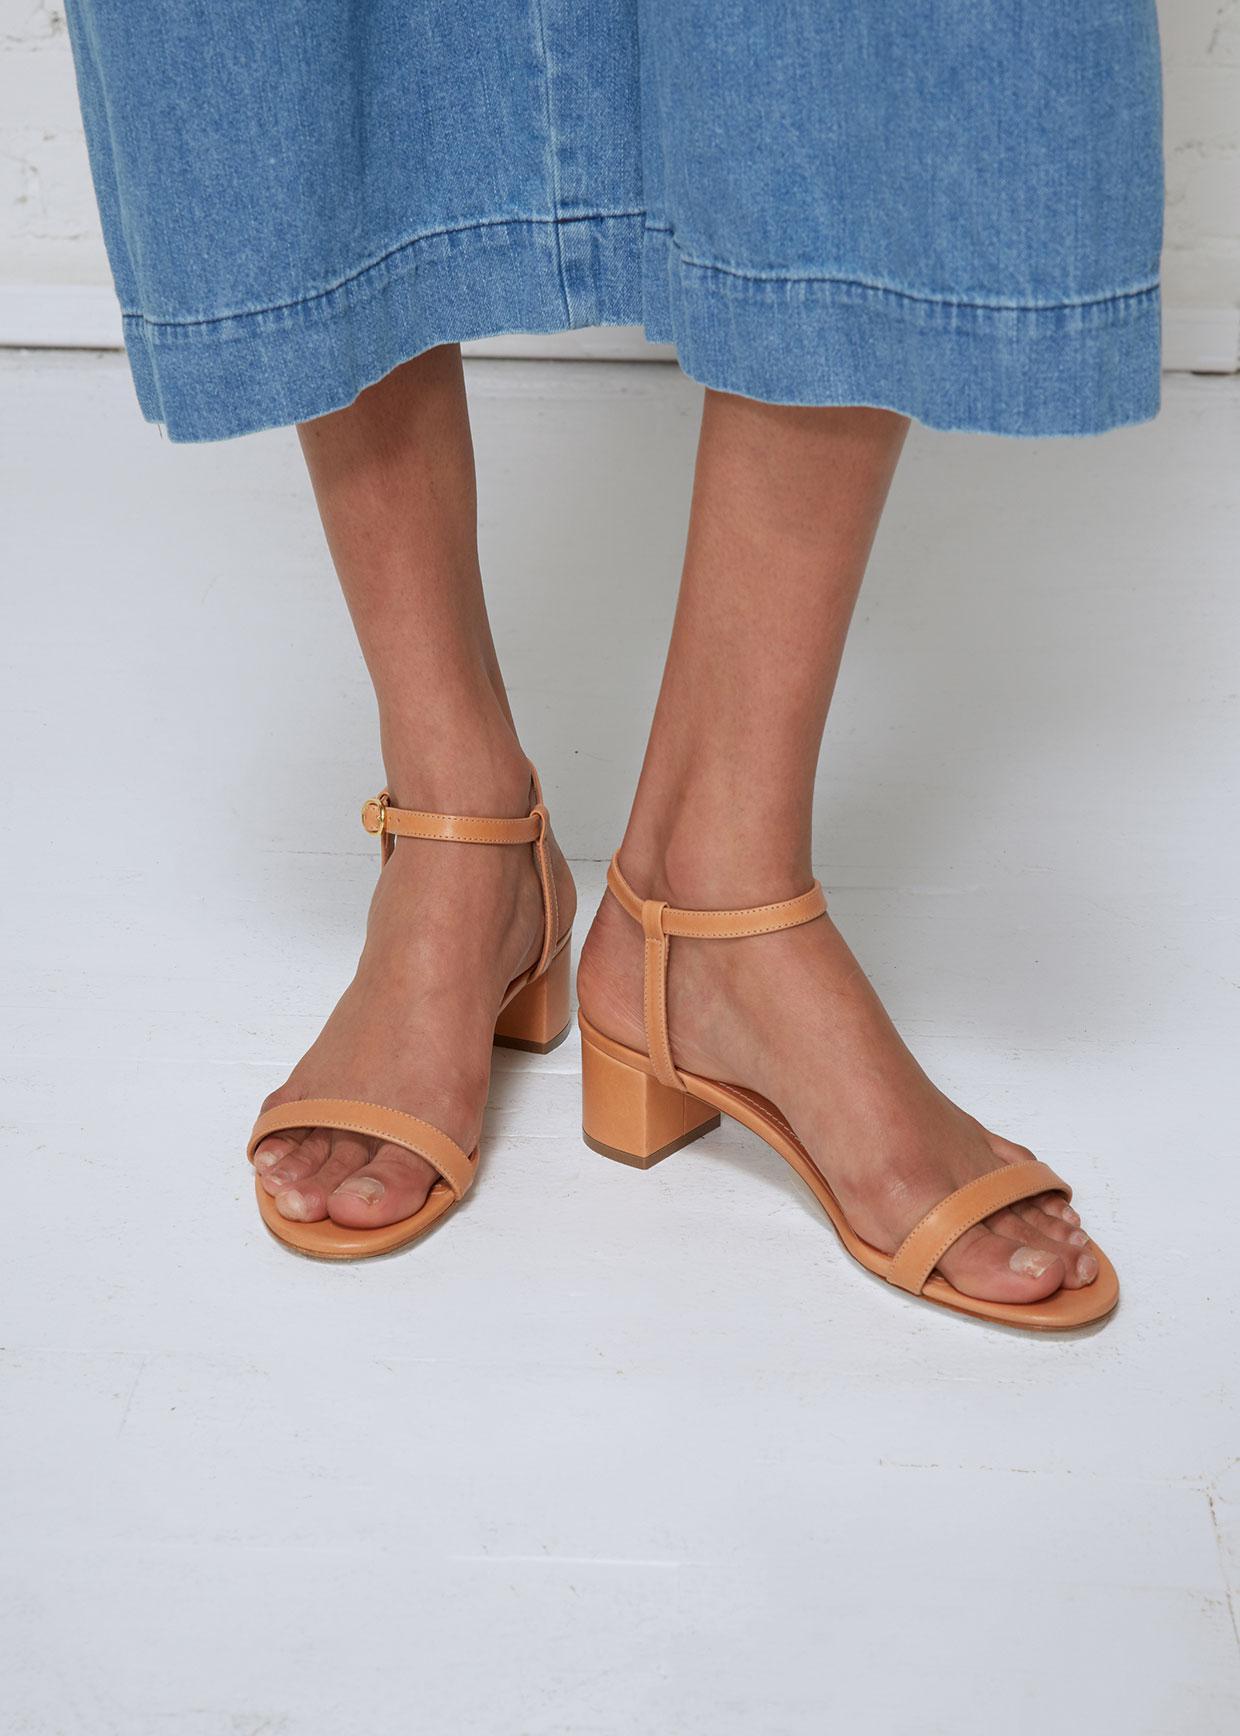 b199ebc9a9a8 Lyst - Mansur Gavriel Ankle Strap Sandal